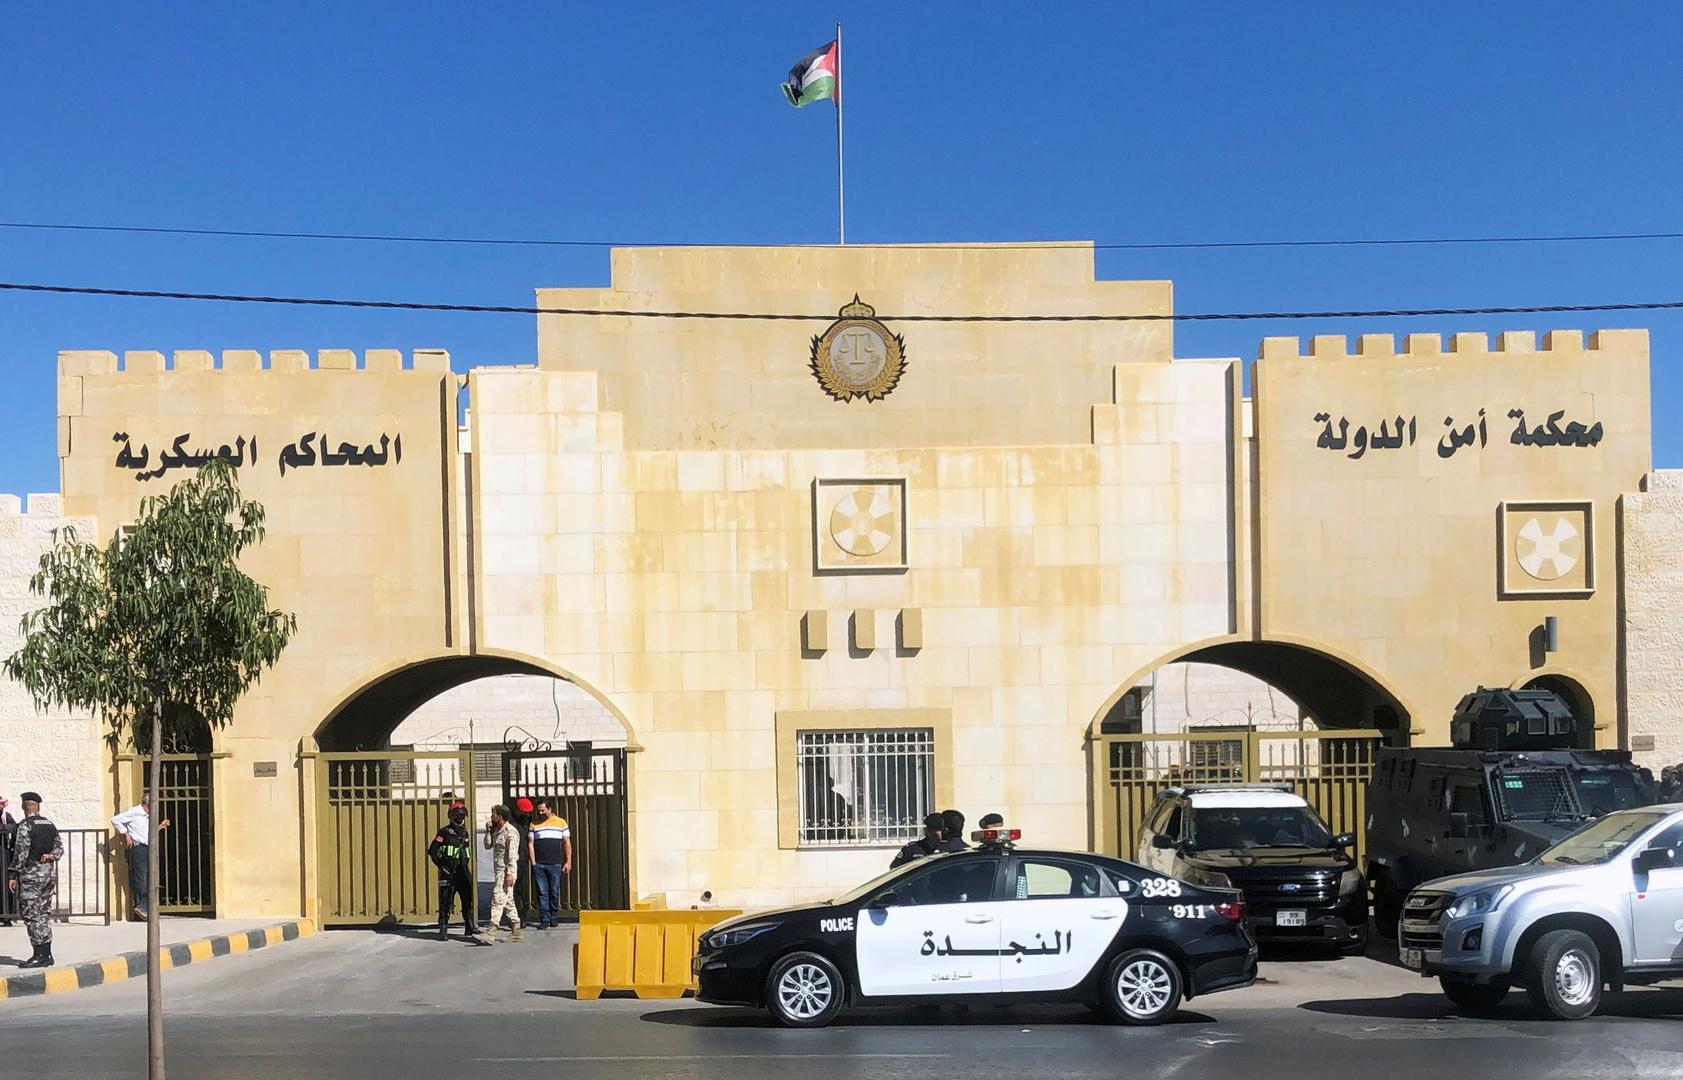 الأردن.. محكمة أمن الدولة تحدد موعد النطق بالحكم في قضية